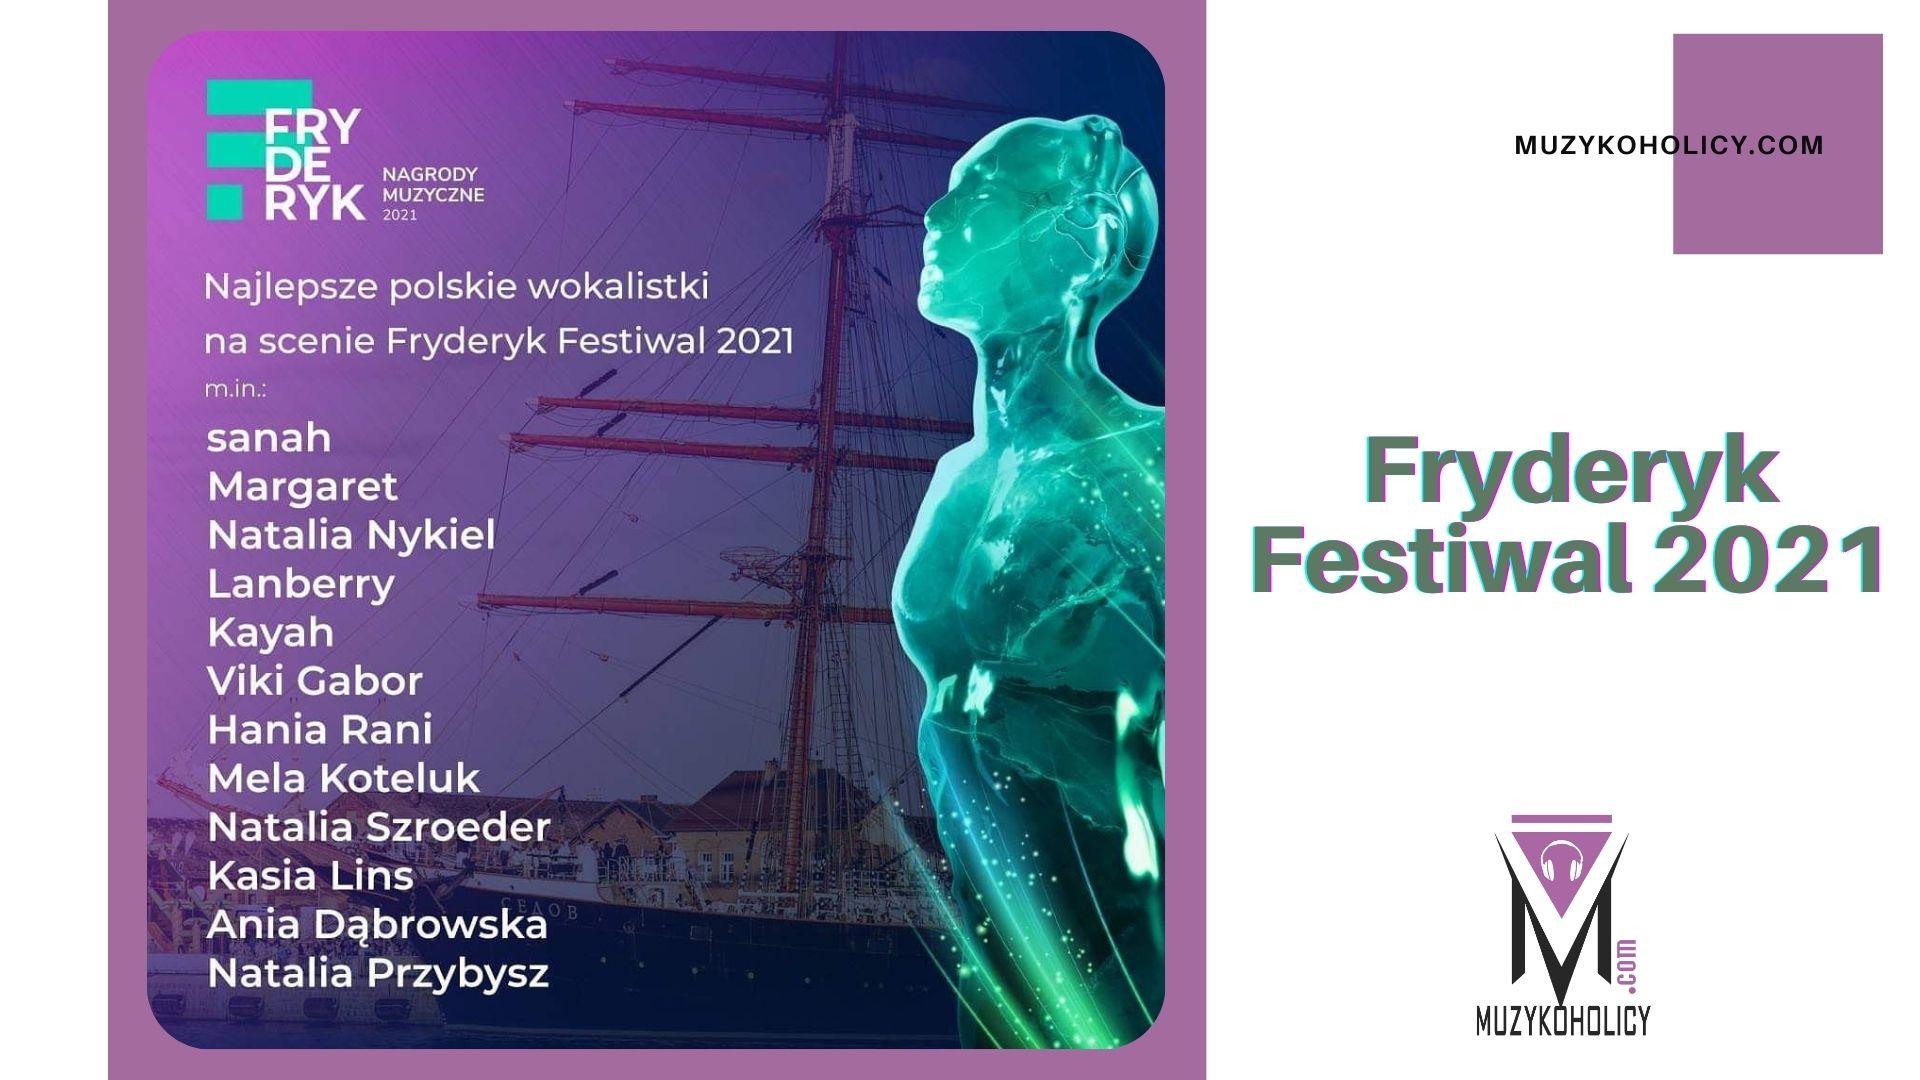 Od popu, rocka, przez alternatywę, metal, hip-hop po jazz – na scenie Fryderyk Festiwal 2021 zagoszczą największe polskie gwiazdy